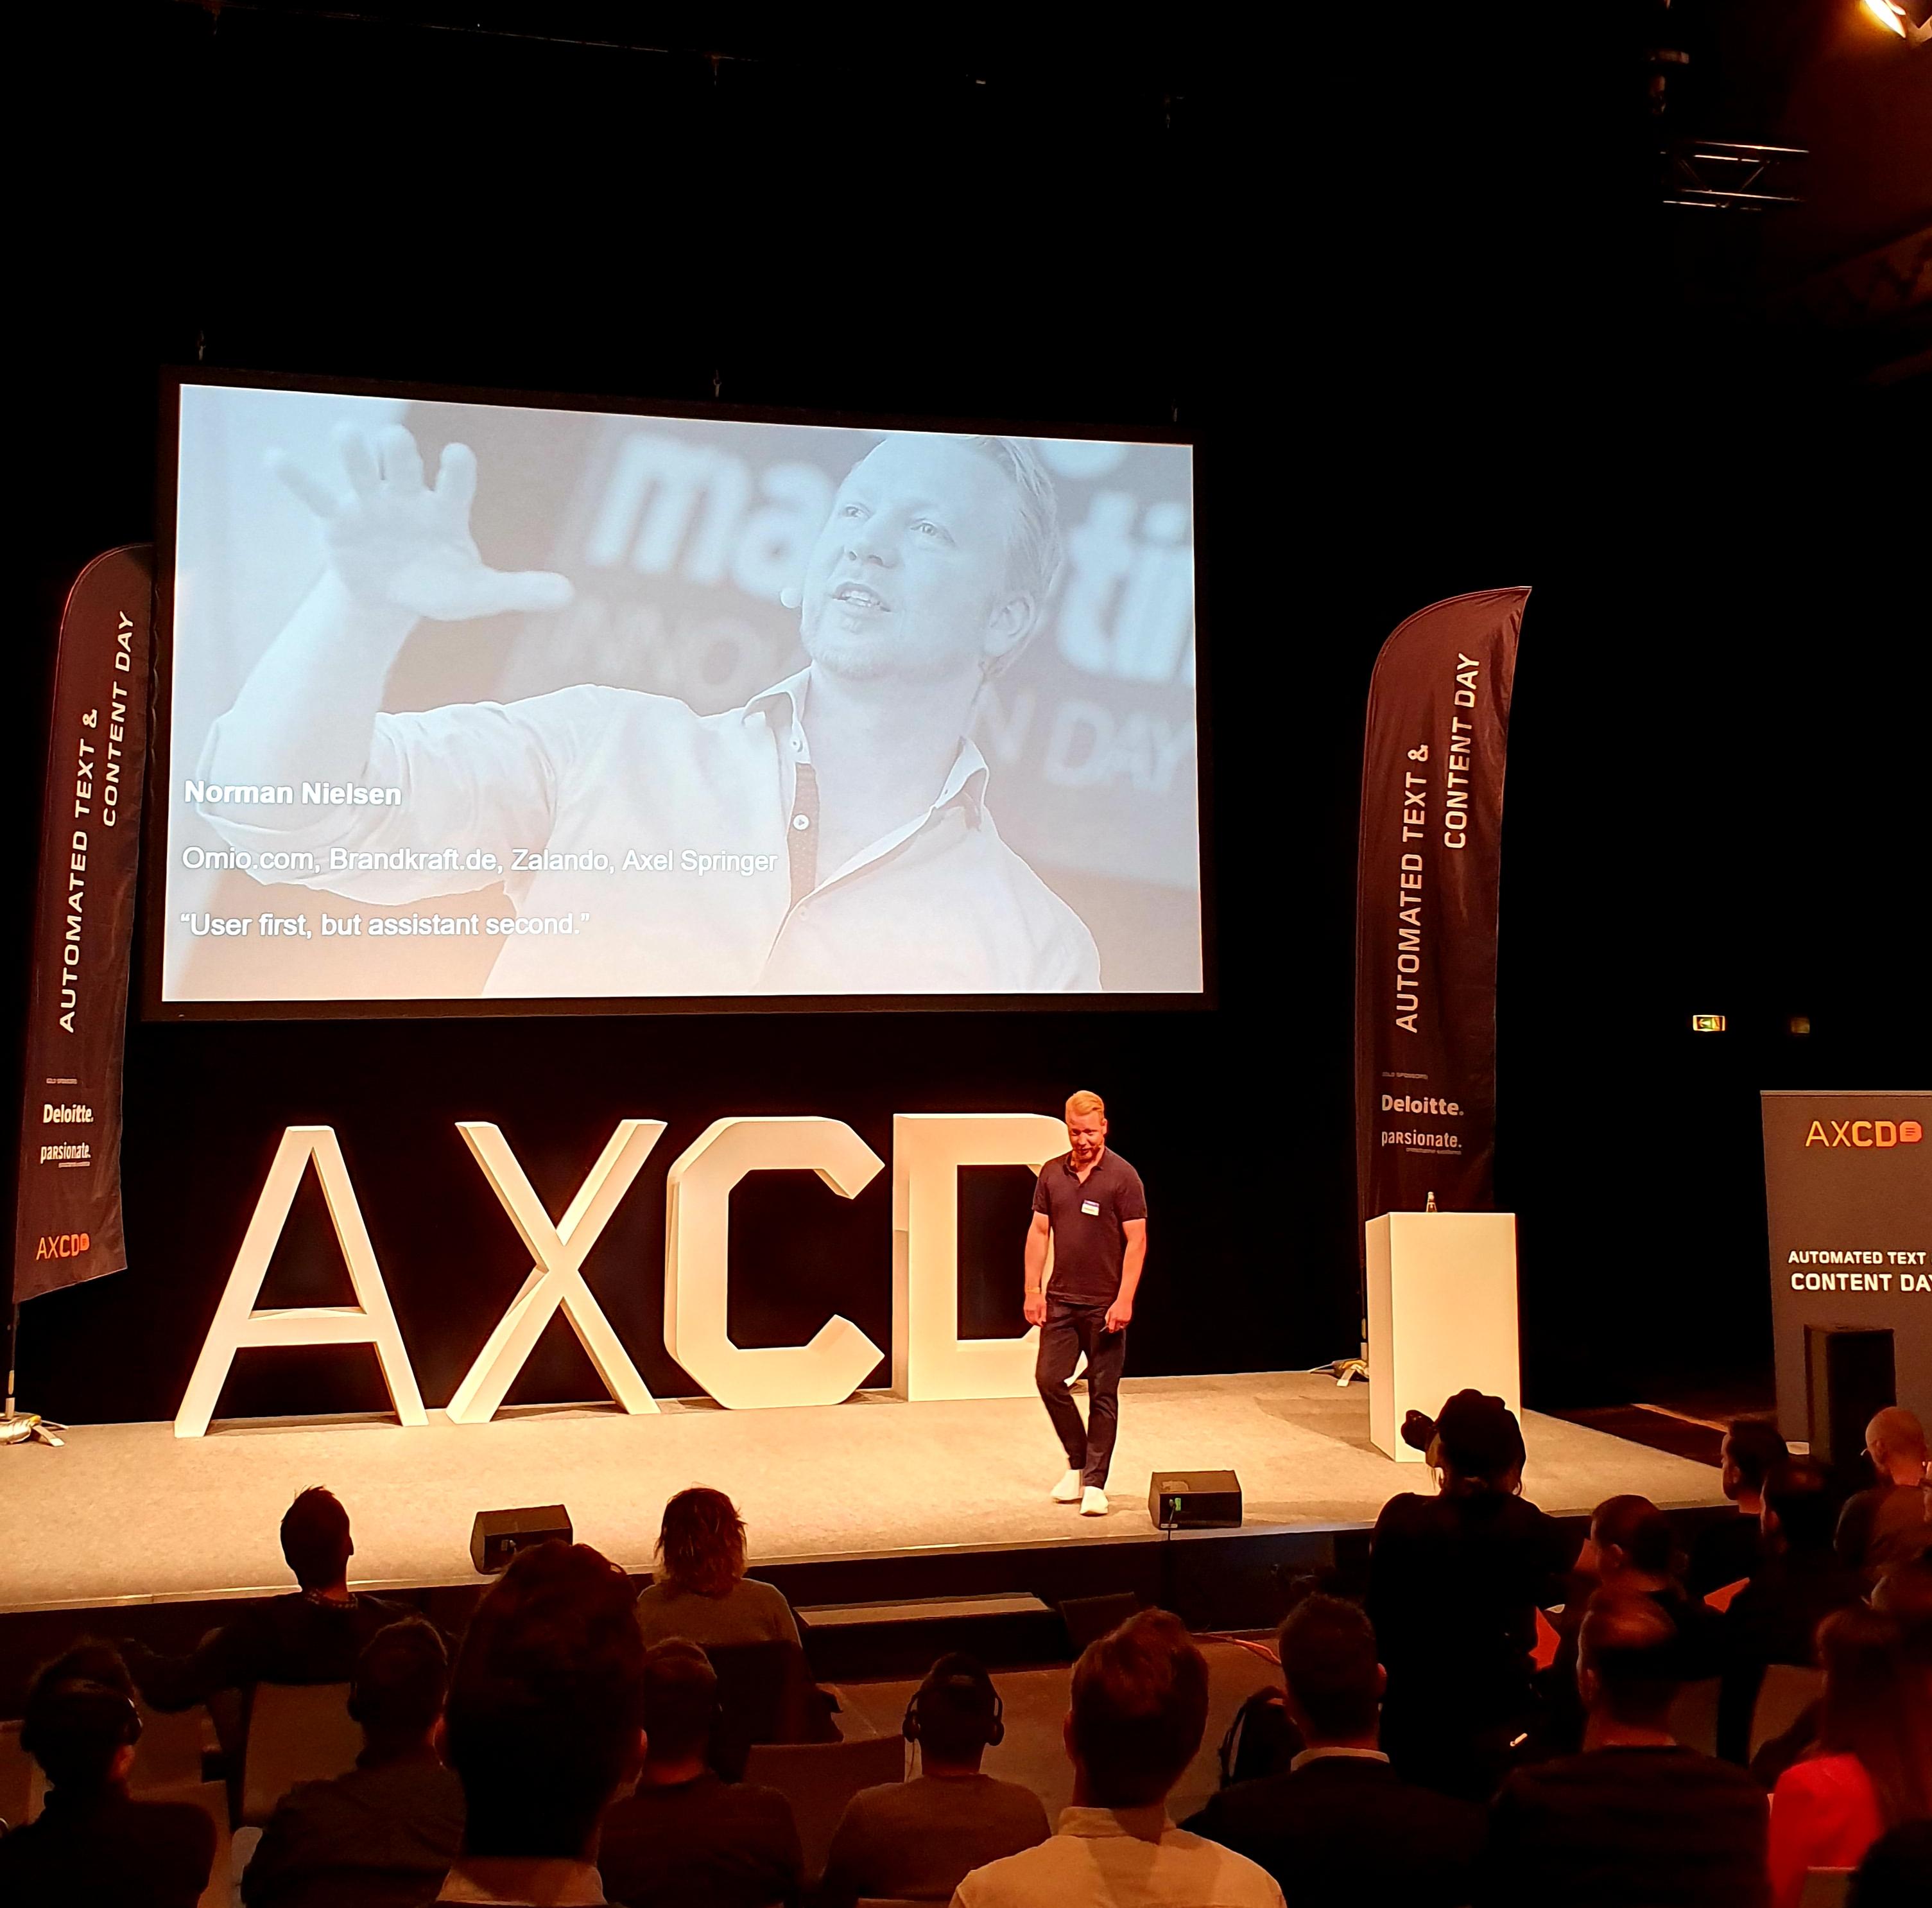 Norman Nielsen bei seiner AXCD-Keynote in Berlin zum Theme Automatisierung.